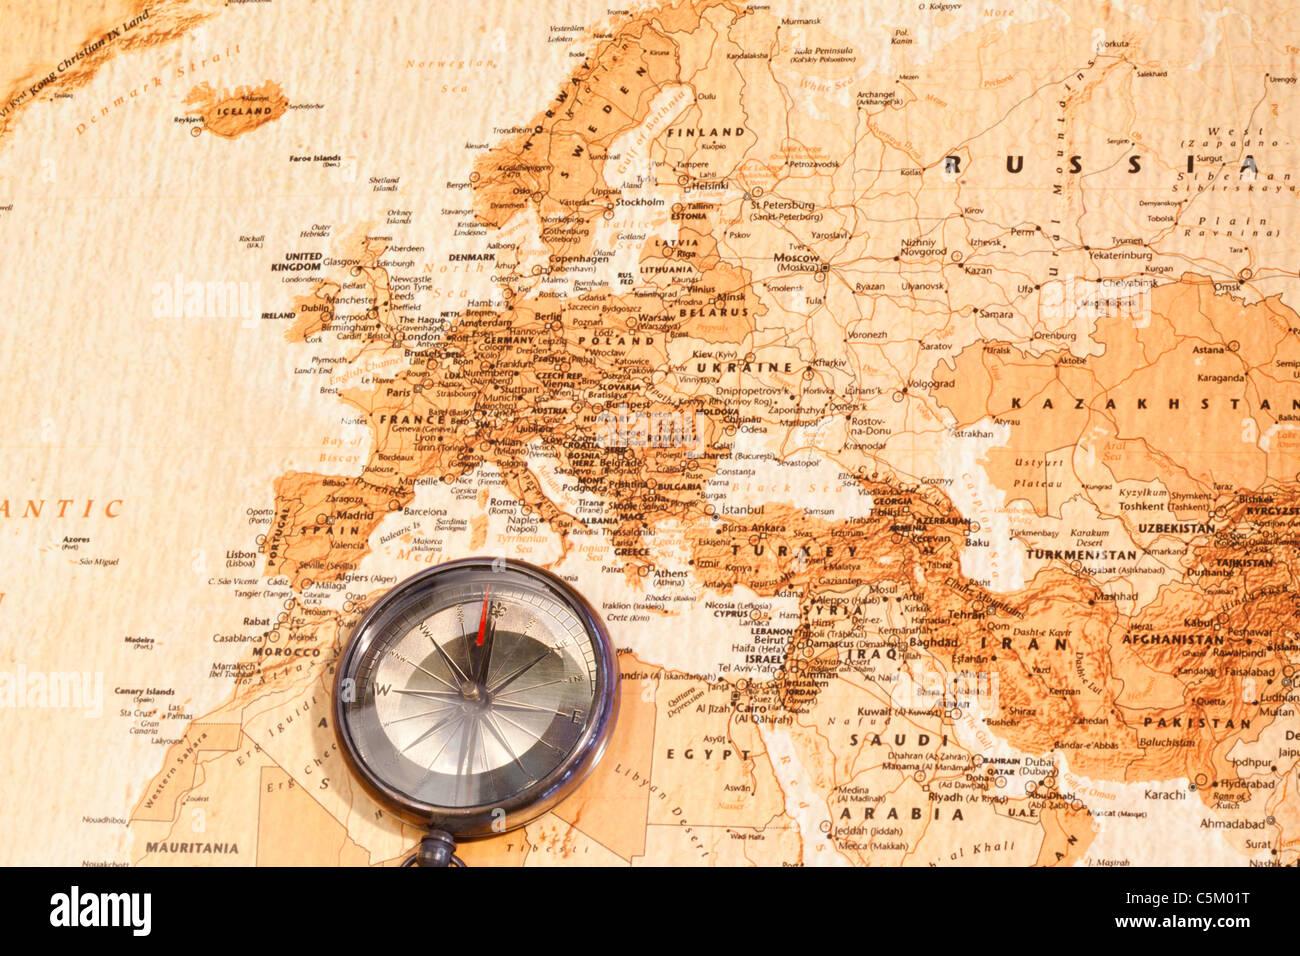 Cartina Europa E Medio Oriente.Mappa Del Mondo Con La Bussola Che Mostra L Europa E Il Medio Oriente Foto Stock Alamy